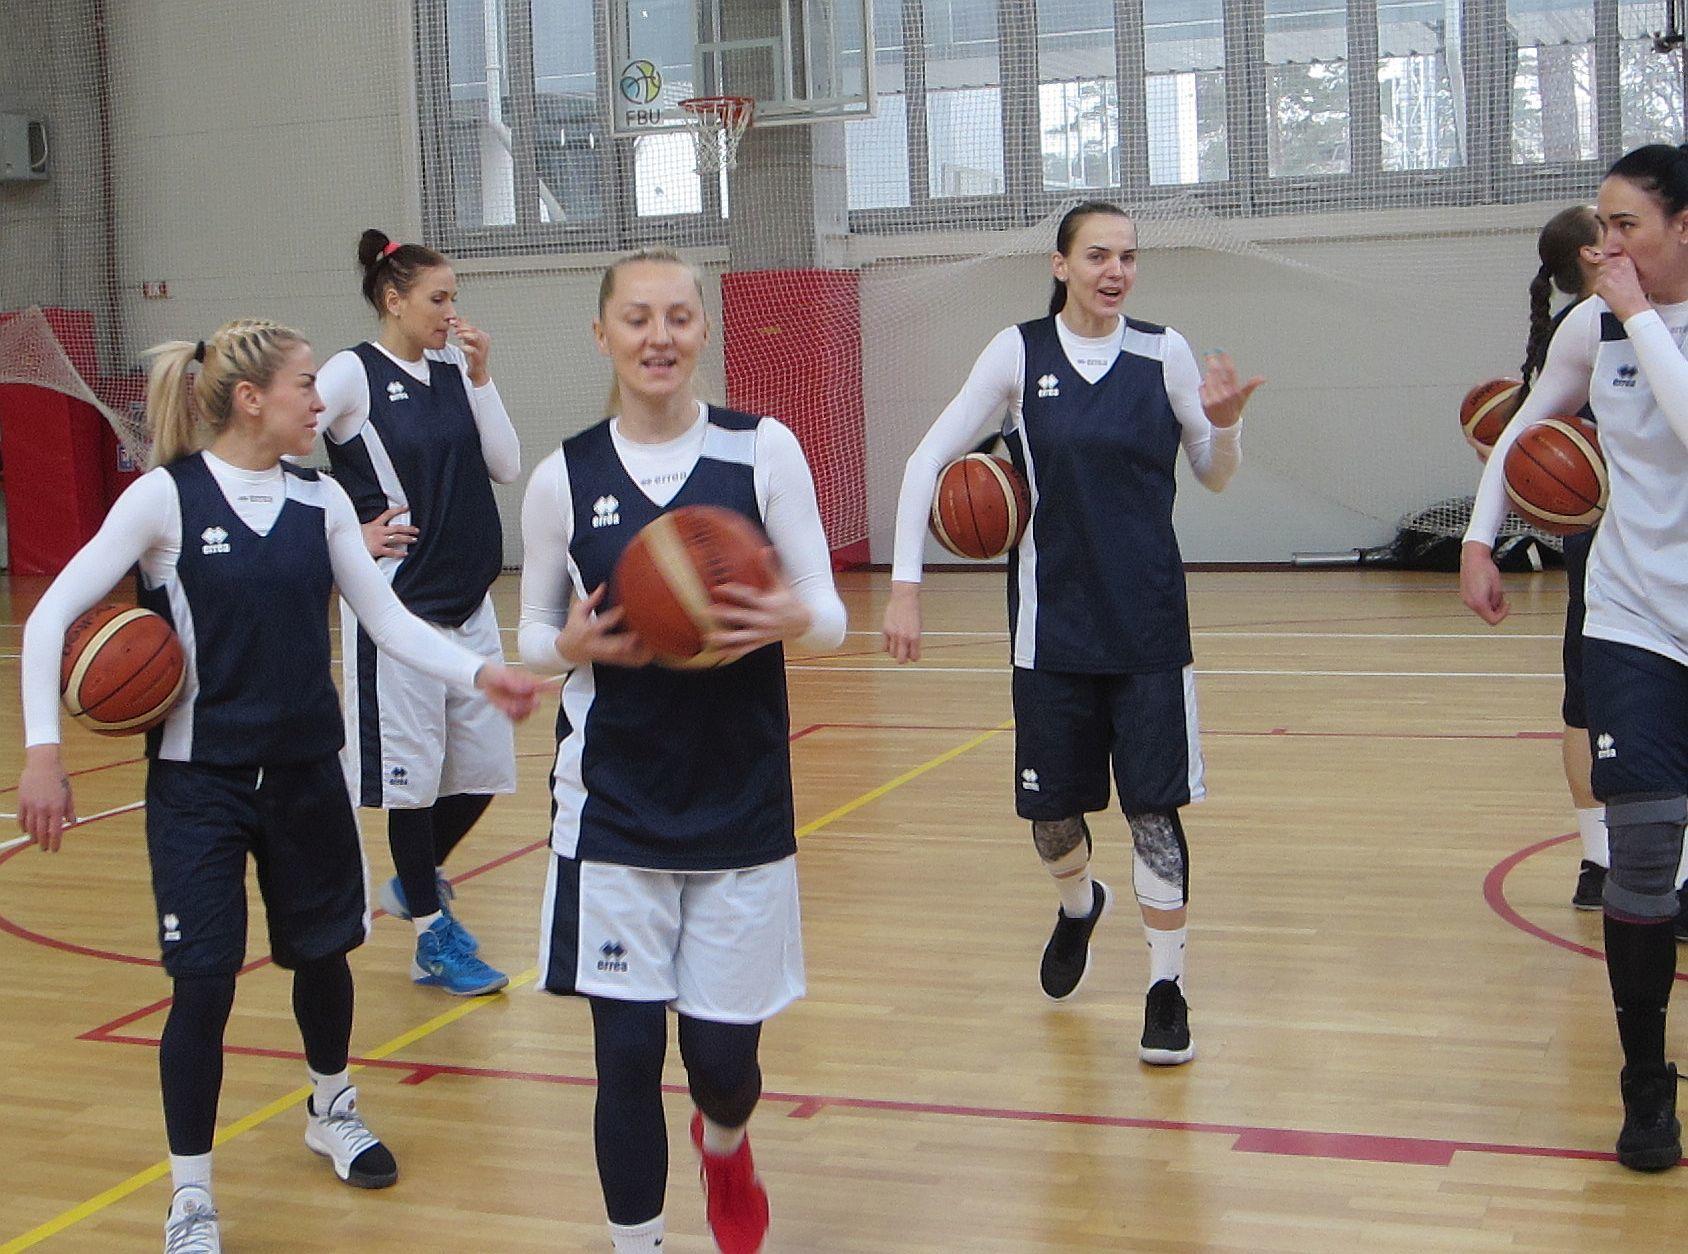 Відкрите тренування збірної України: вміння зіграти, коли треба